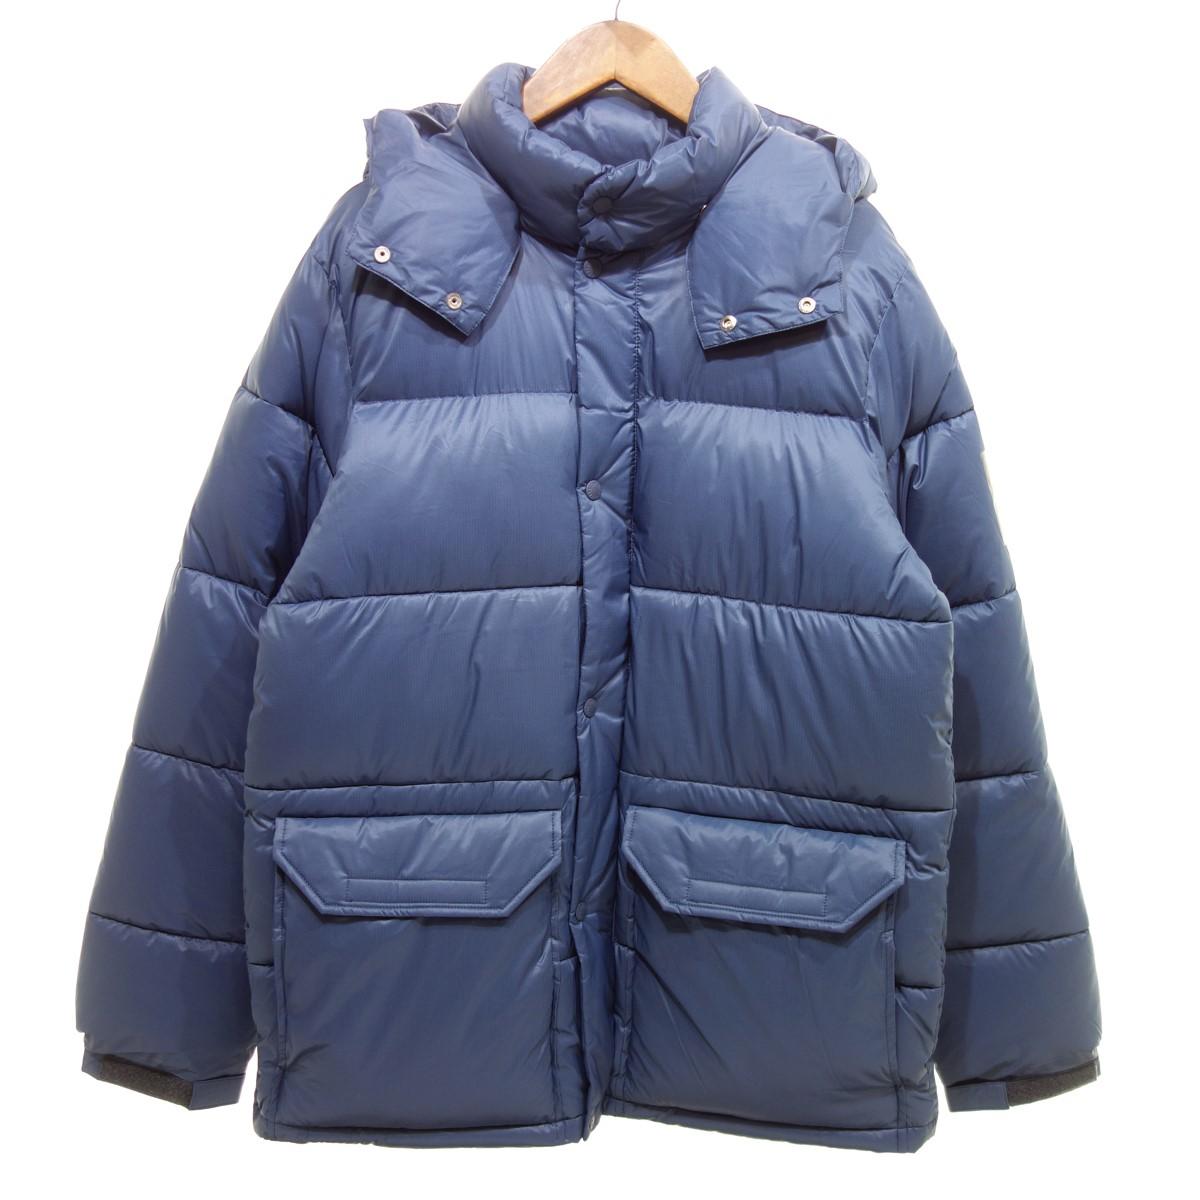 【中古】THE NORTH FACE CAMP Sierra Short ダウンジャケット ネイビー サイズ:XL 【151219】(ザノースフェイス)